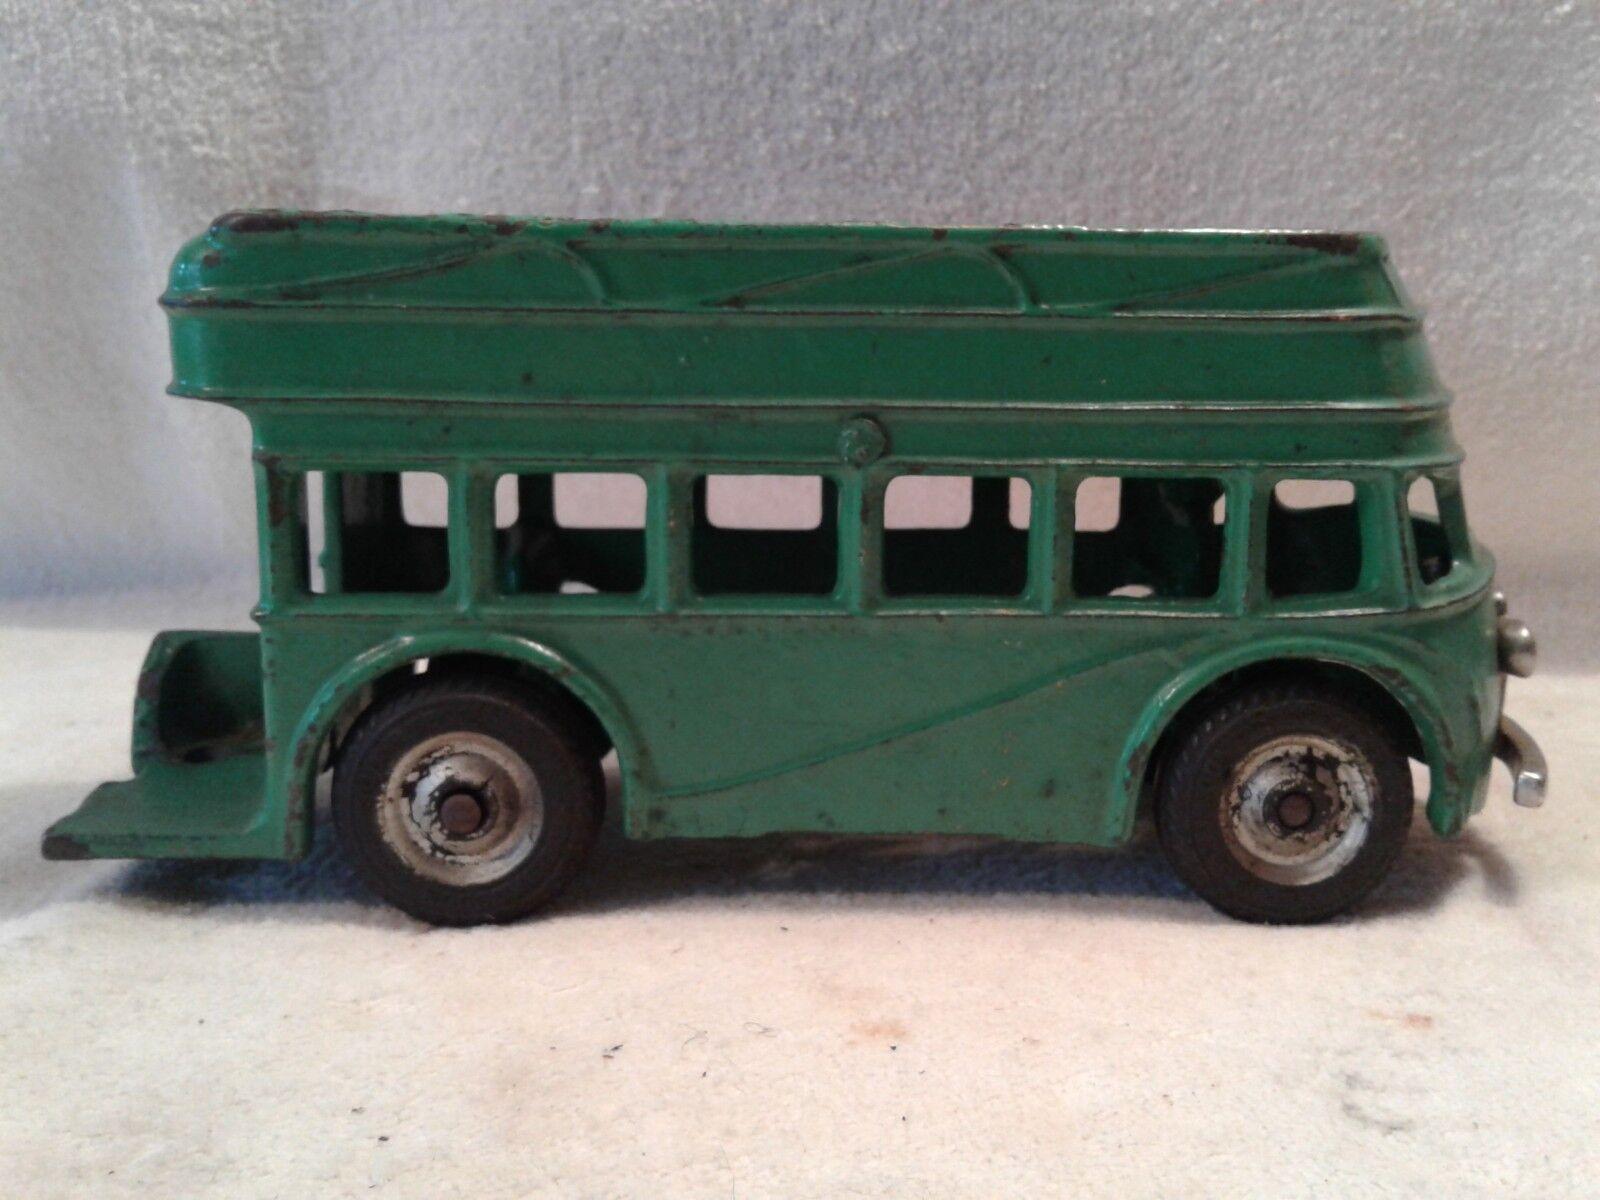 1940-41 Hierro Fundido Arcade Juguetes Doble Decker Autobús con controladores no escalera dividida en unidades